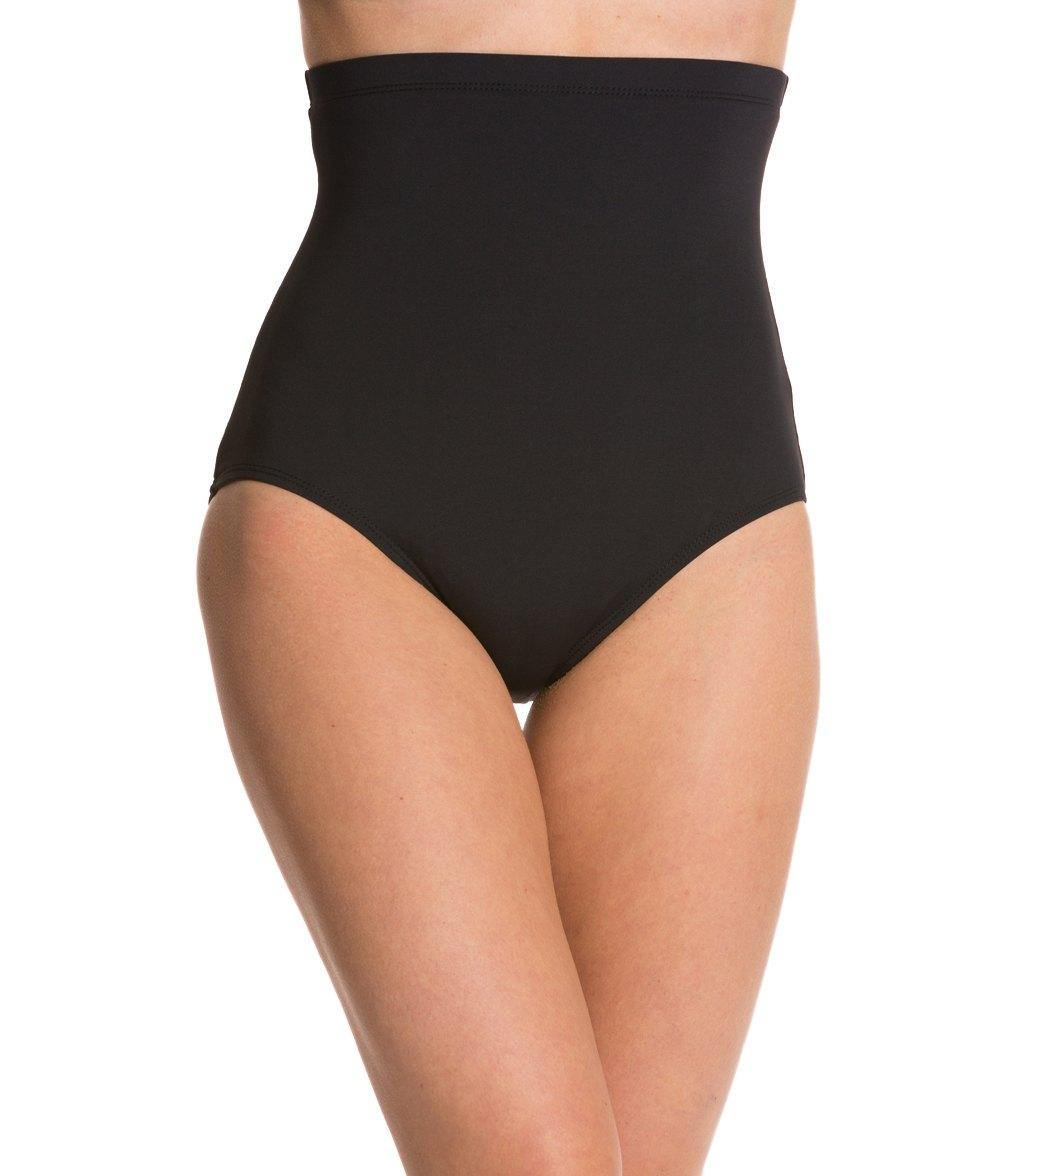 00e521990793c Anne Cole Color Blast Solids Super High Waist Bikini Bottom at  SwimOutlet.com - Free Shipping